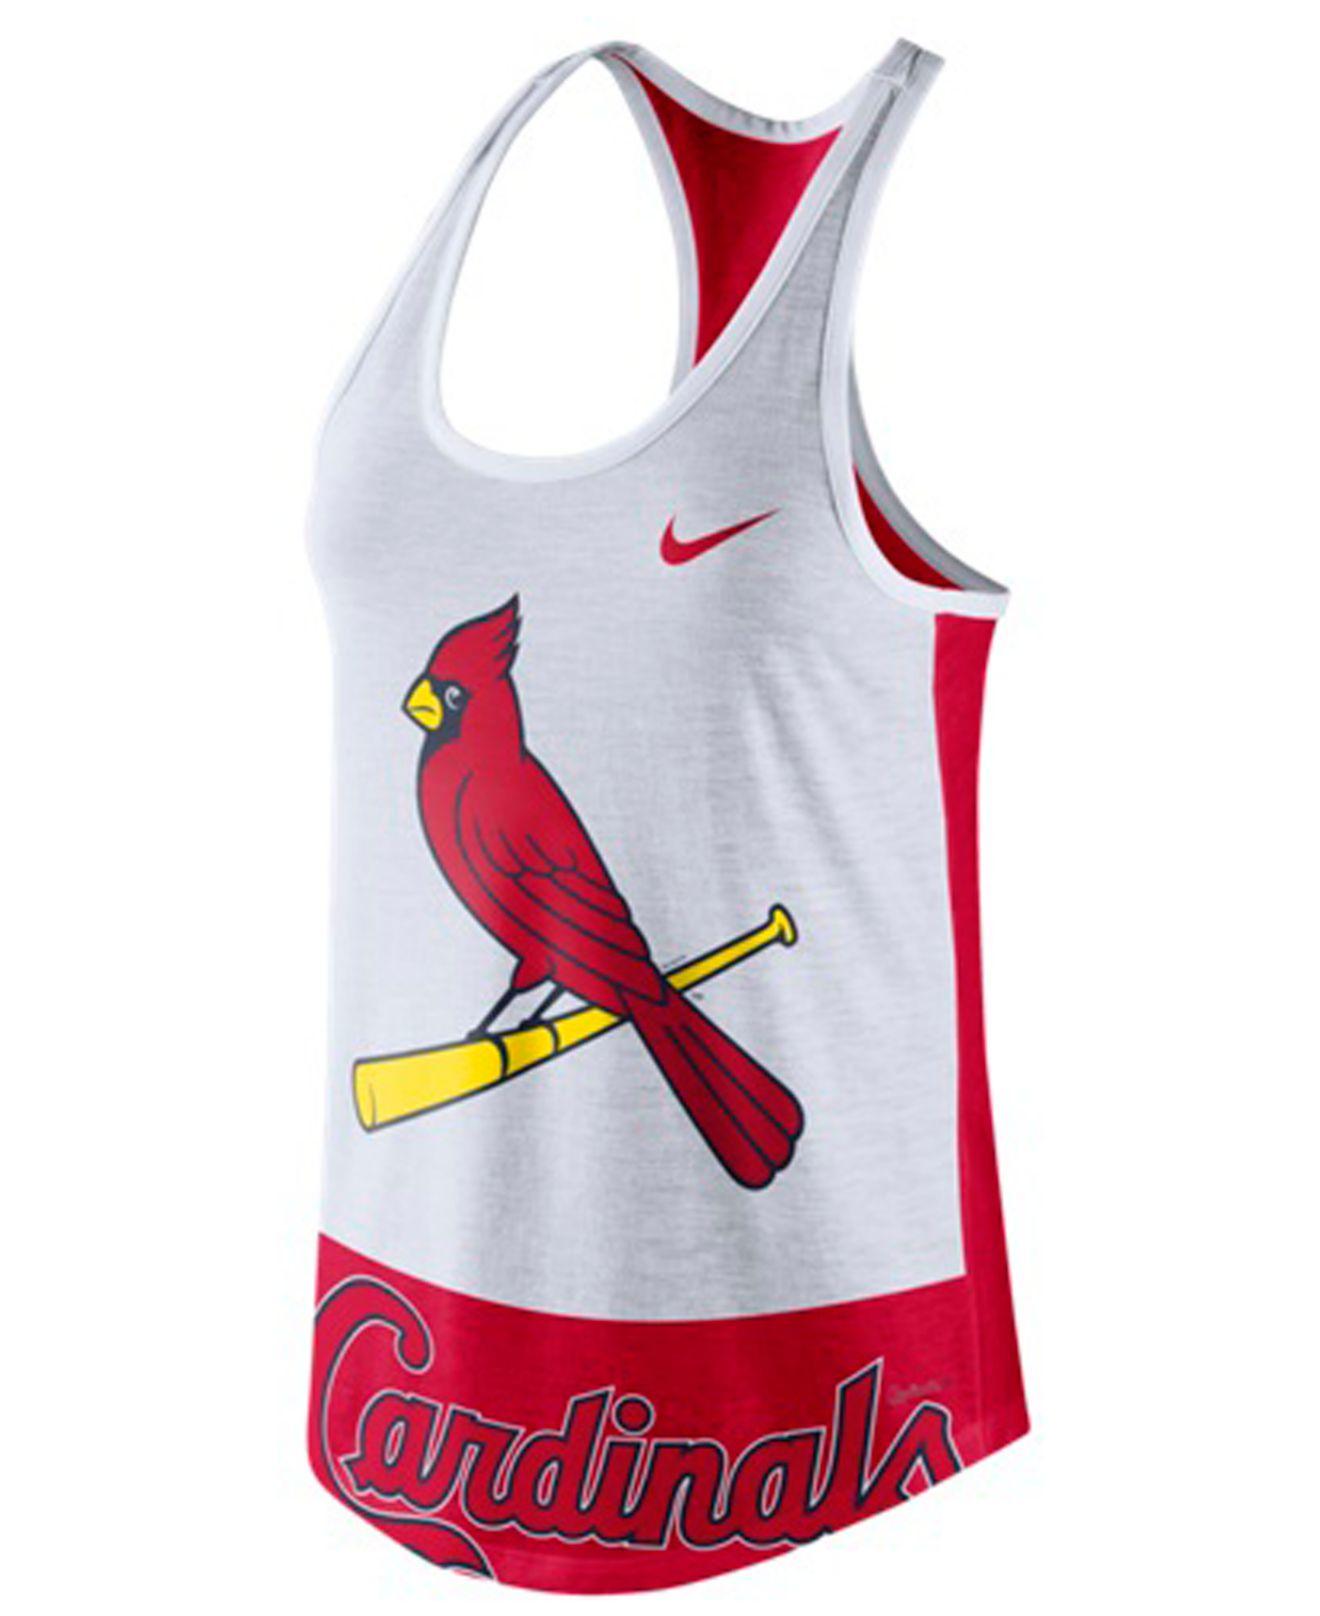 Nike Women's St. Louis Cardinals Tri-logo Tank Top in Pink (White ...